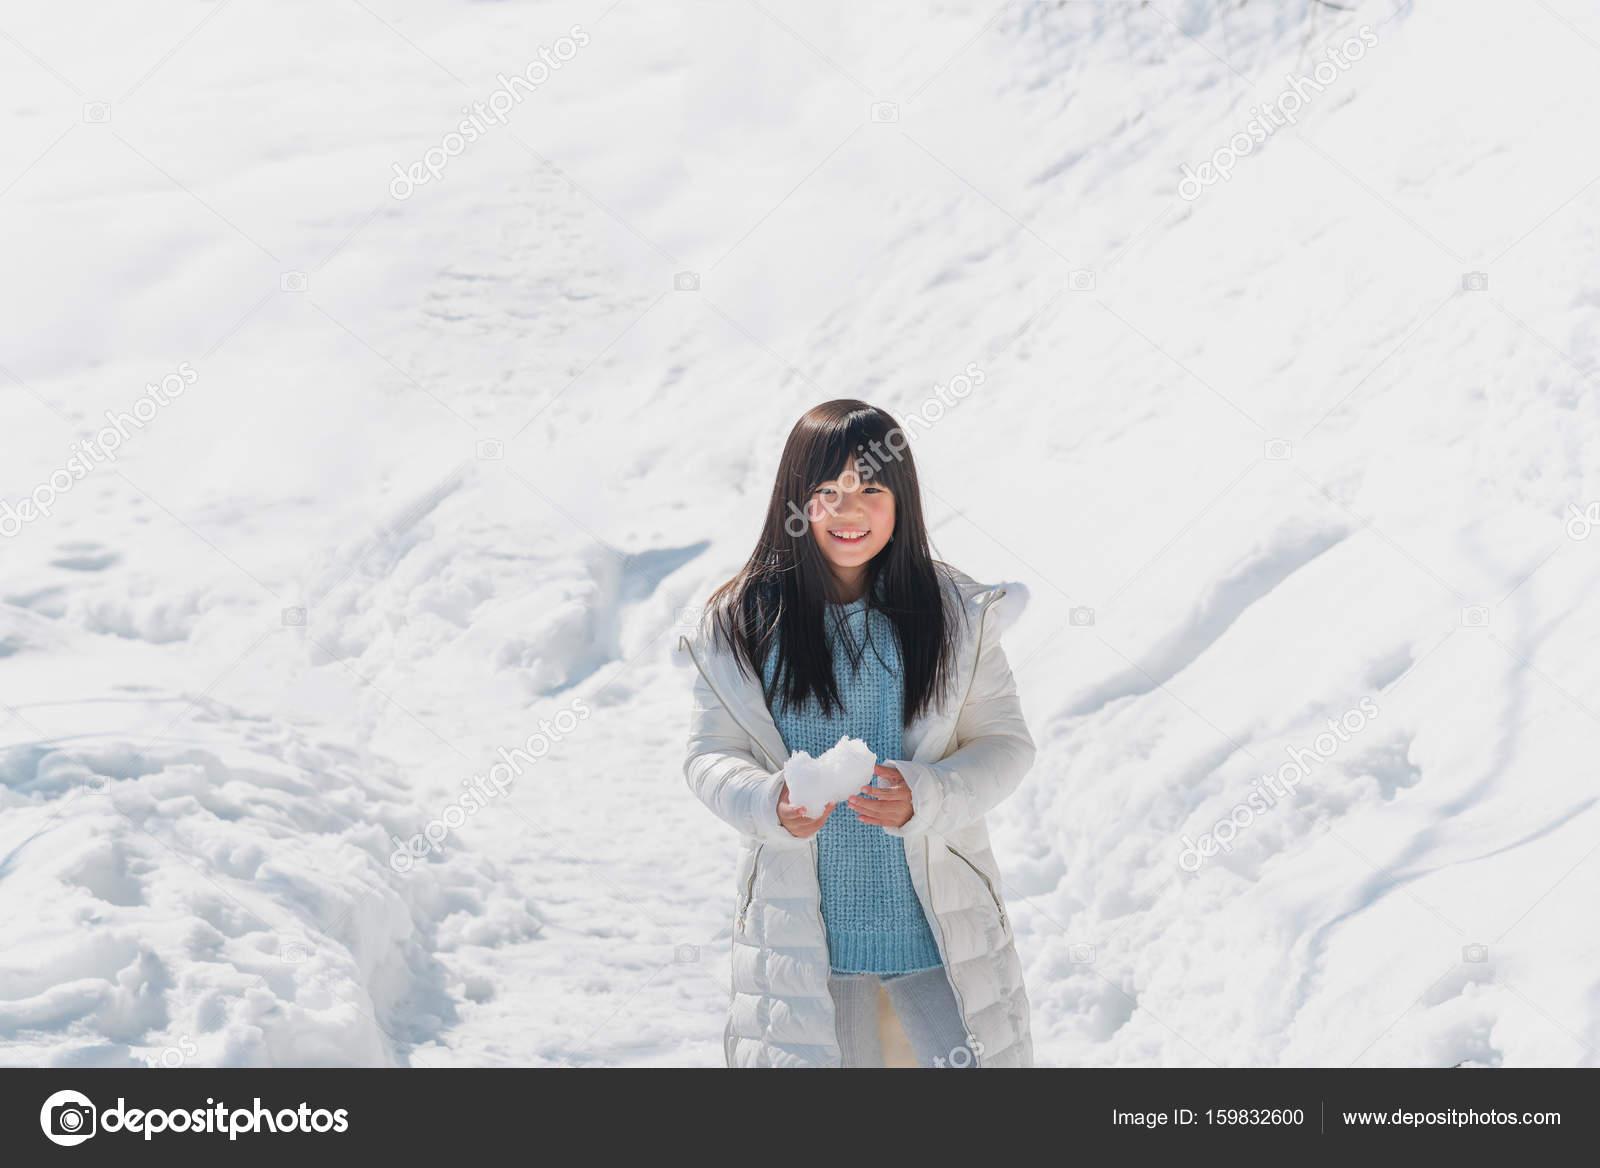 Asian girl in snow